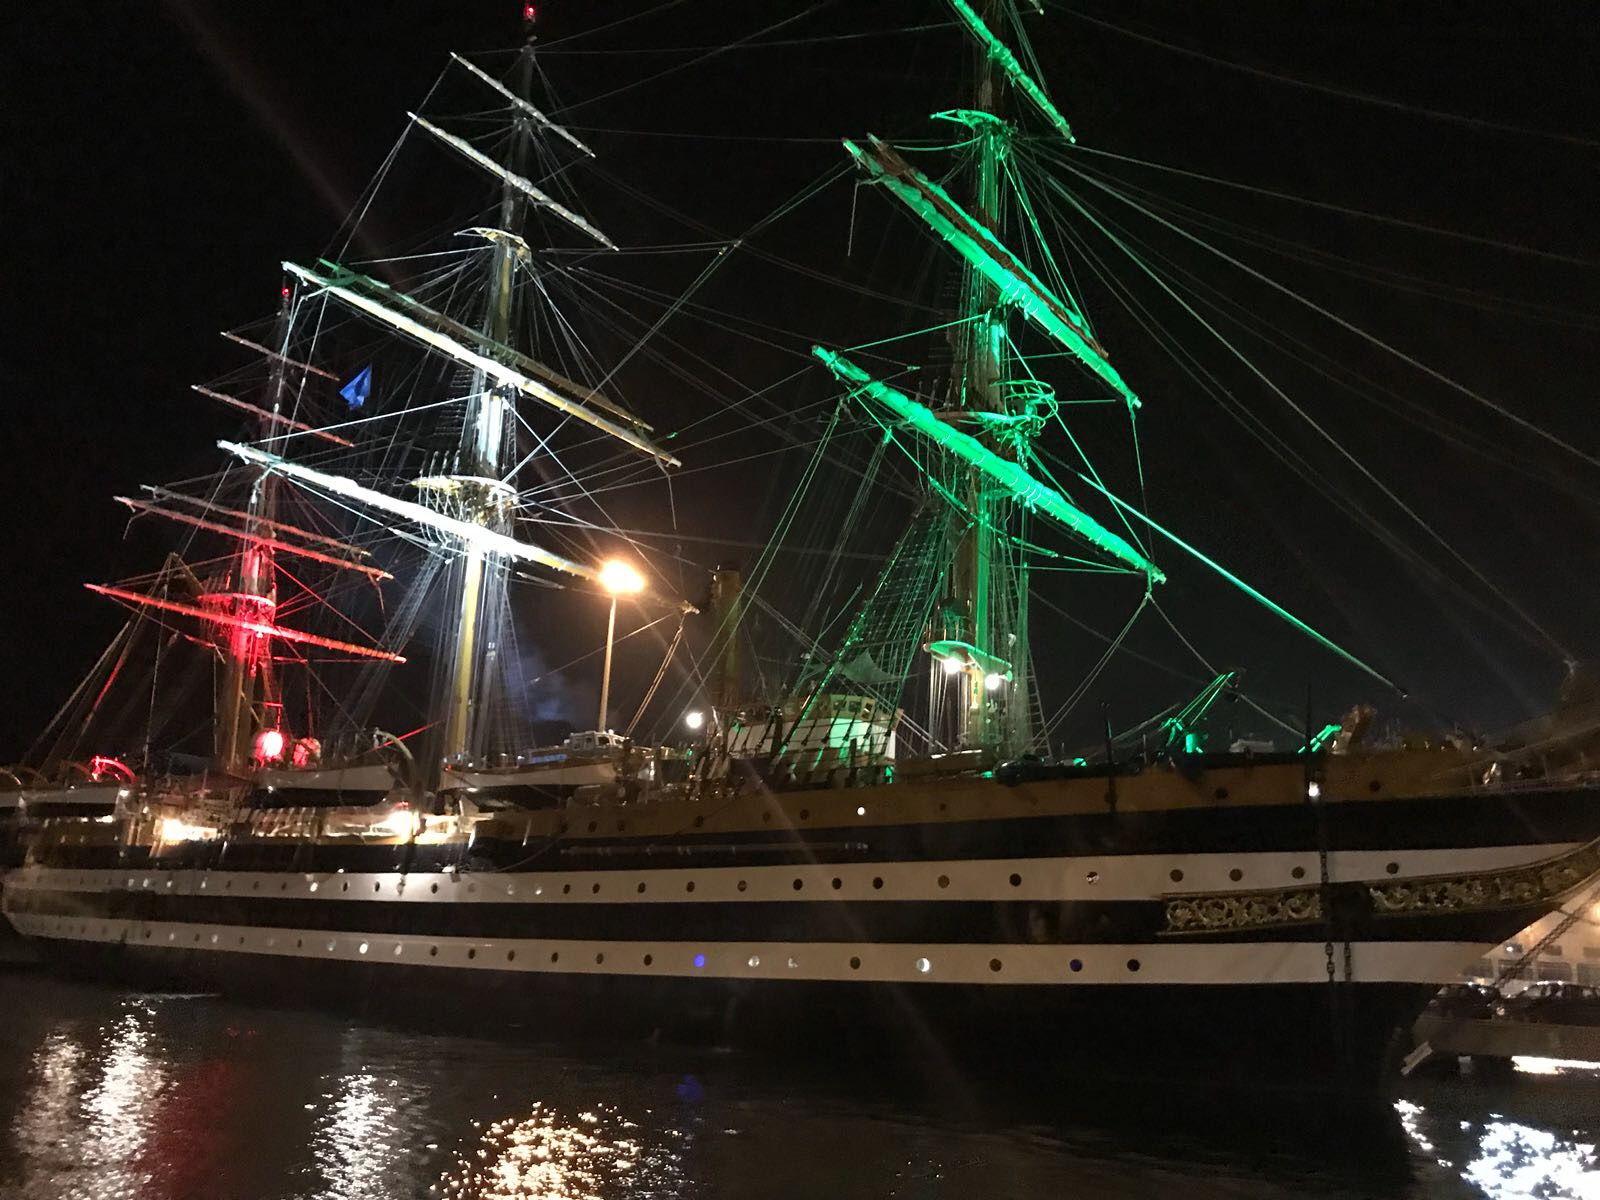 nave scuola amerigo vespucci di notte illuminata luci tricolore (1) -  Livornopress